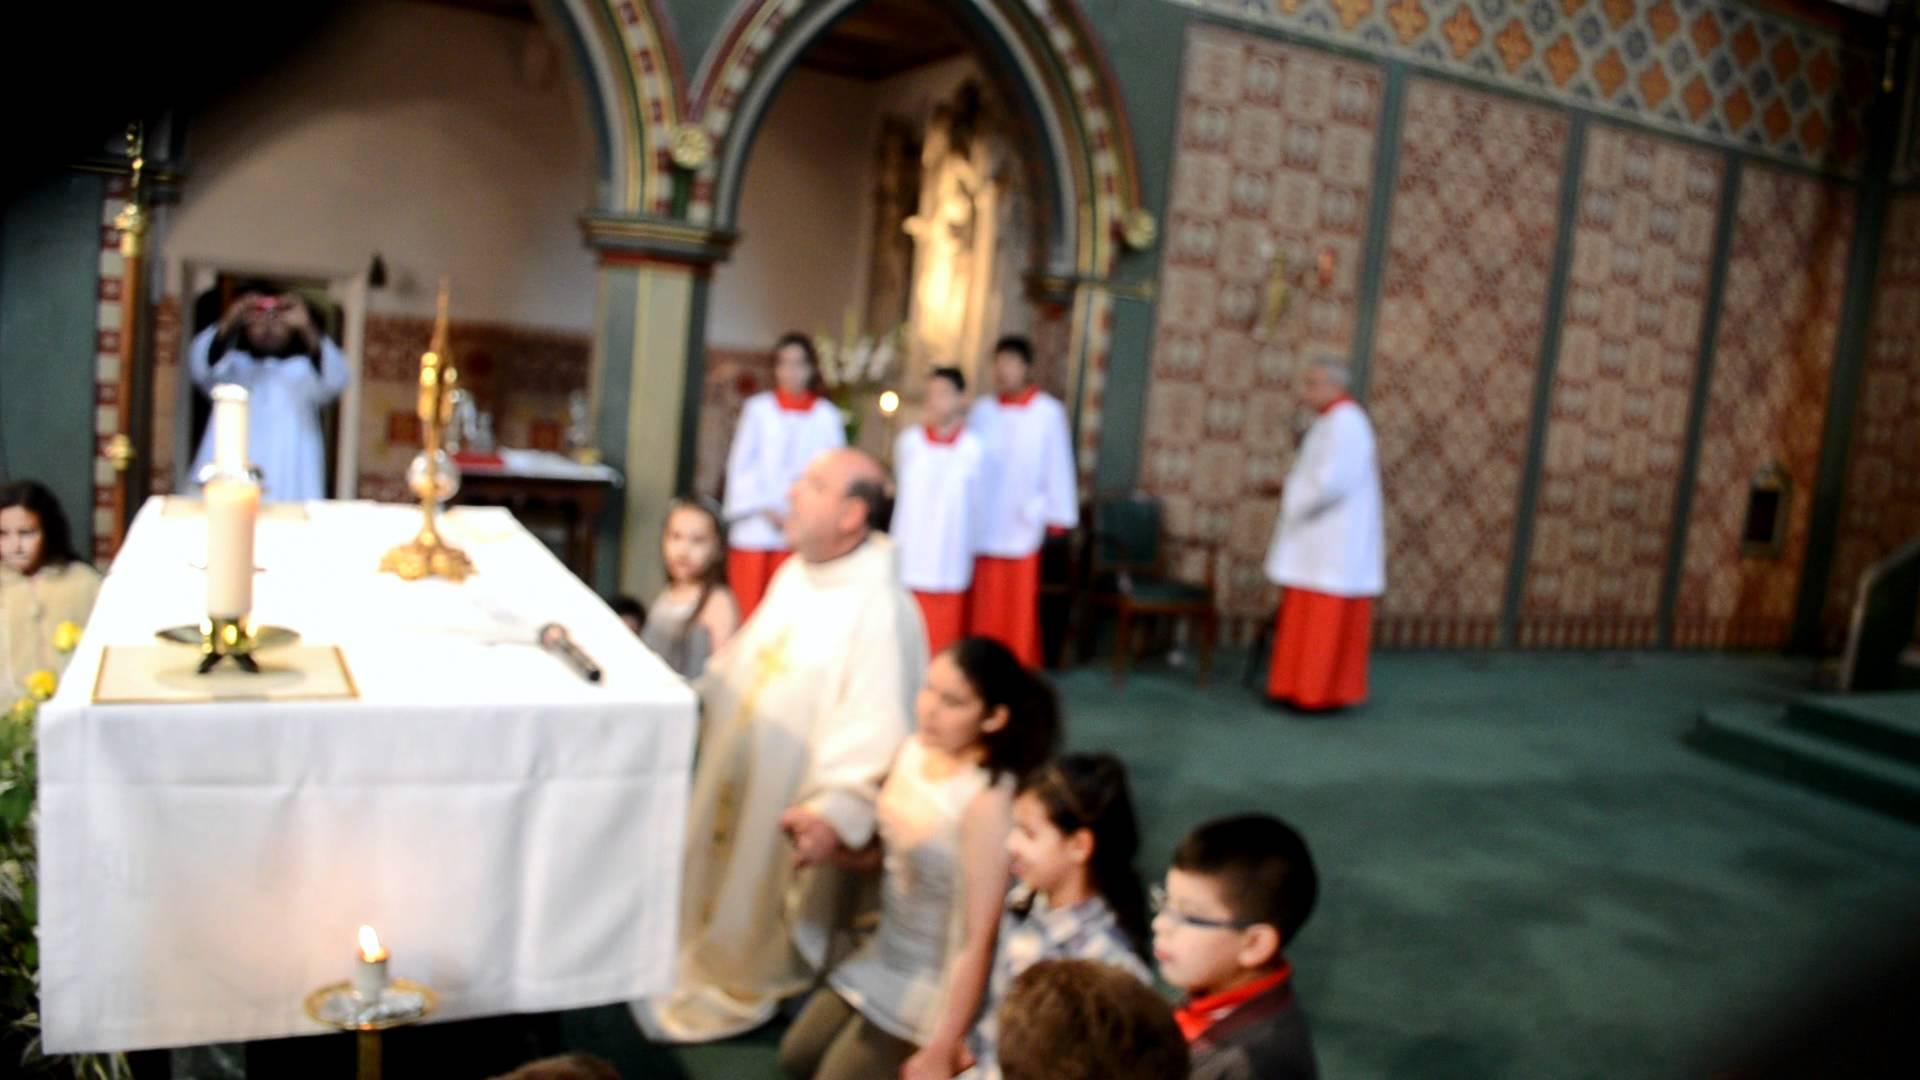 Niño de ocho años obtiene conversión de su familia ante el Santísimo Sacramento en México